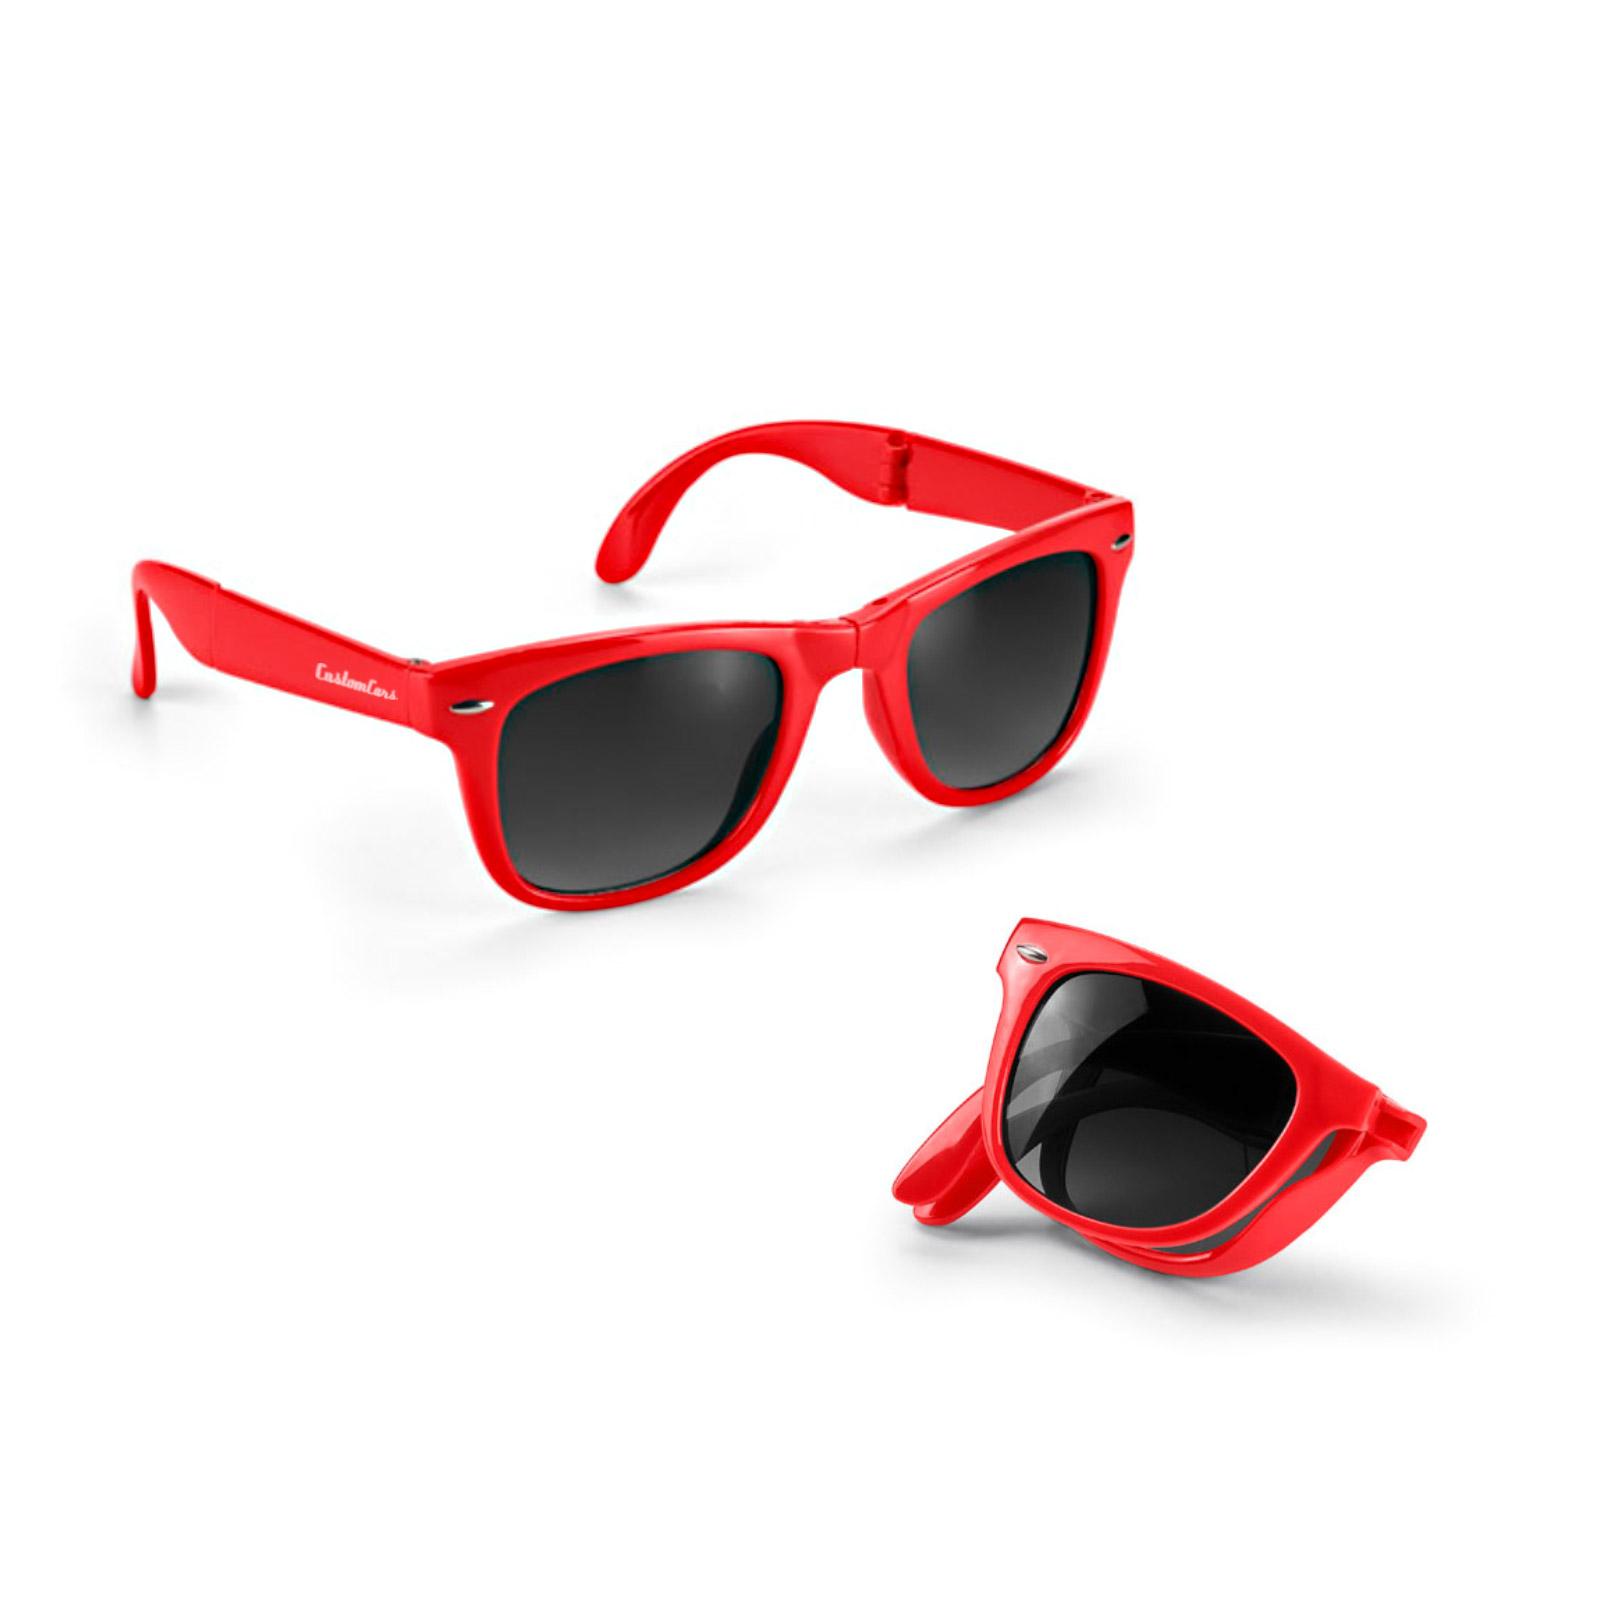 sonnenbrillenwerbung